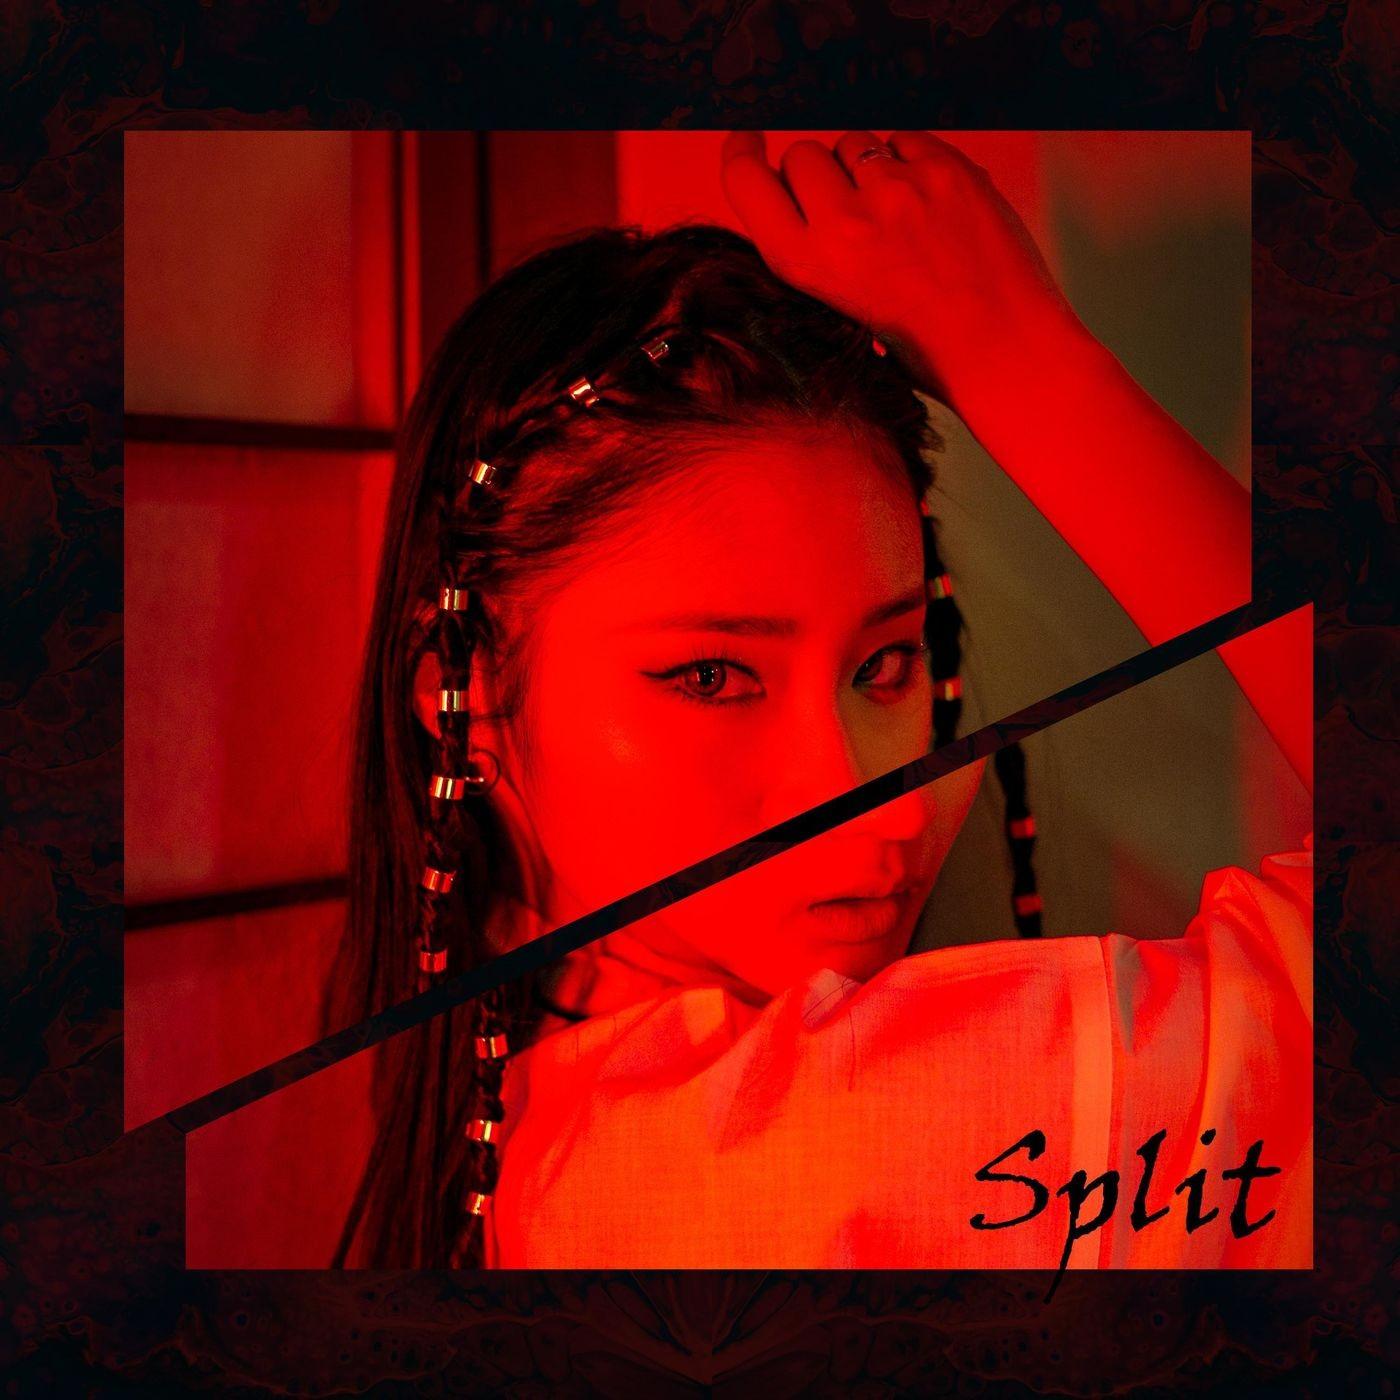 JK (JK지강) – SPLIT [FLAC + MP3 320 / WEB] [2019.03.21]